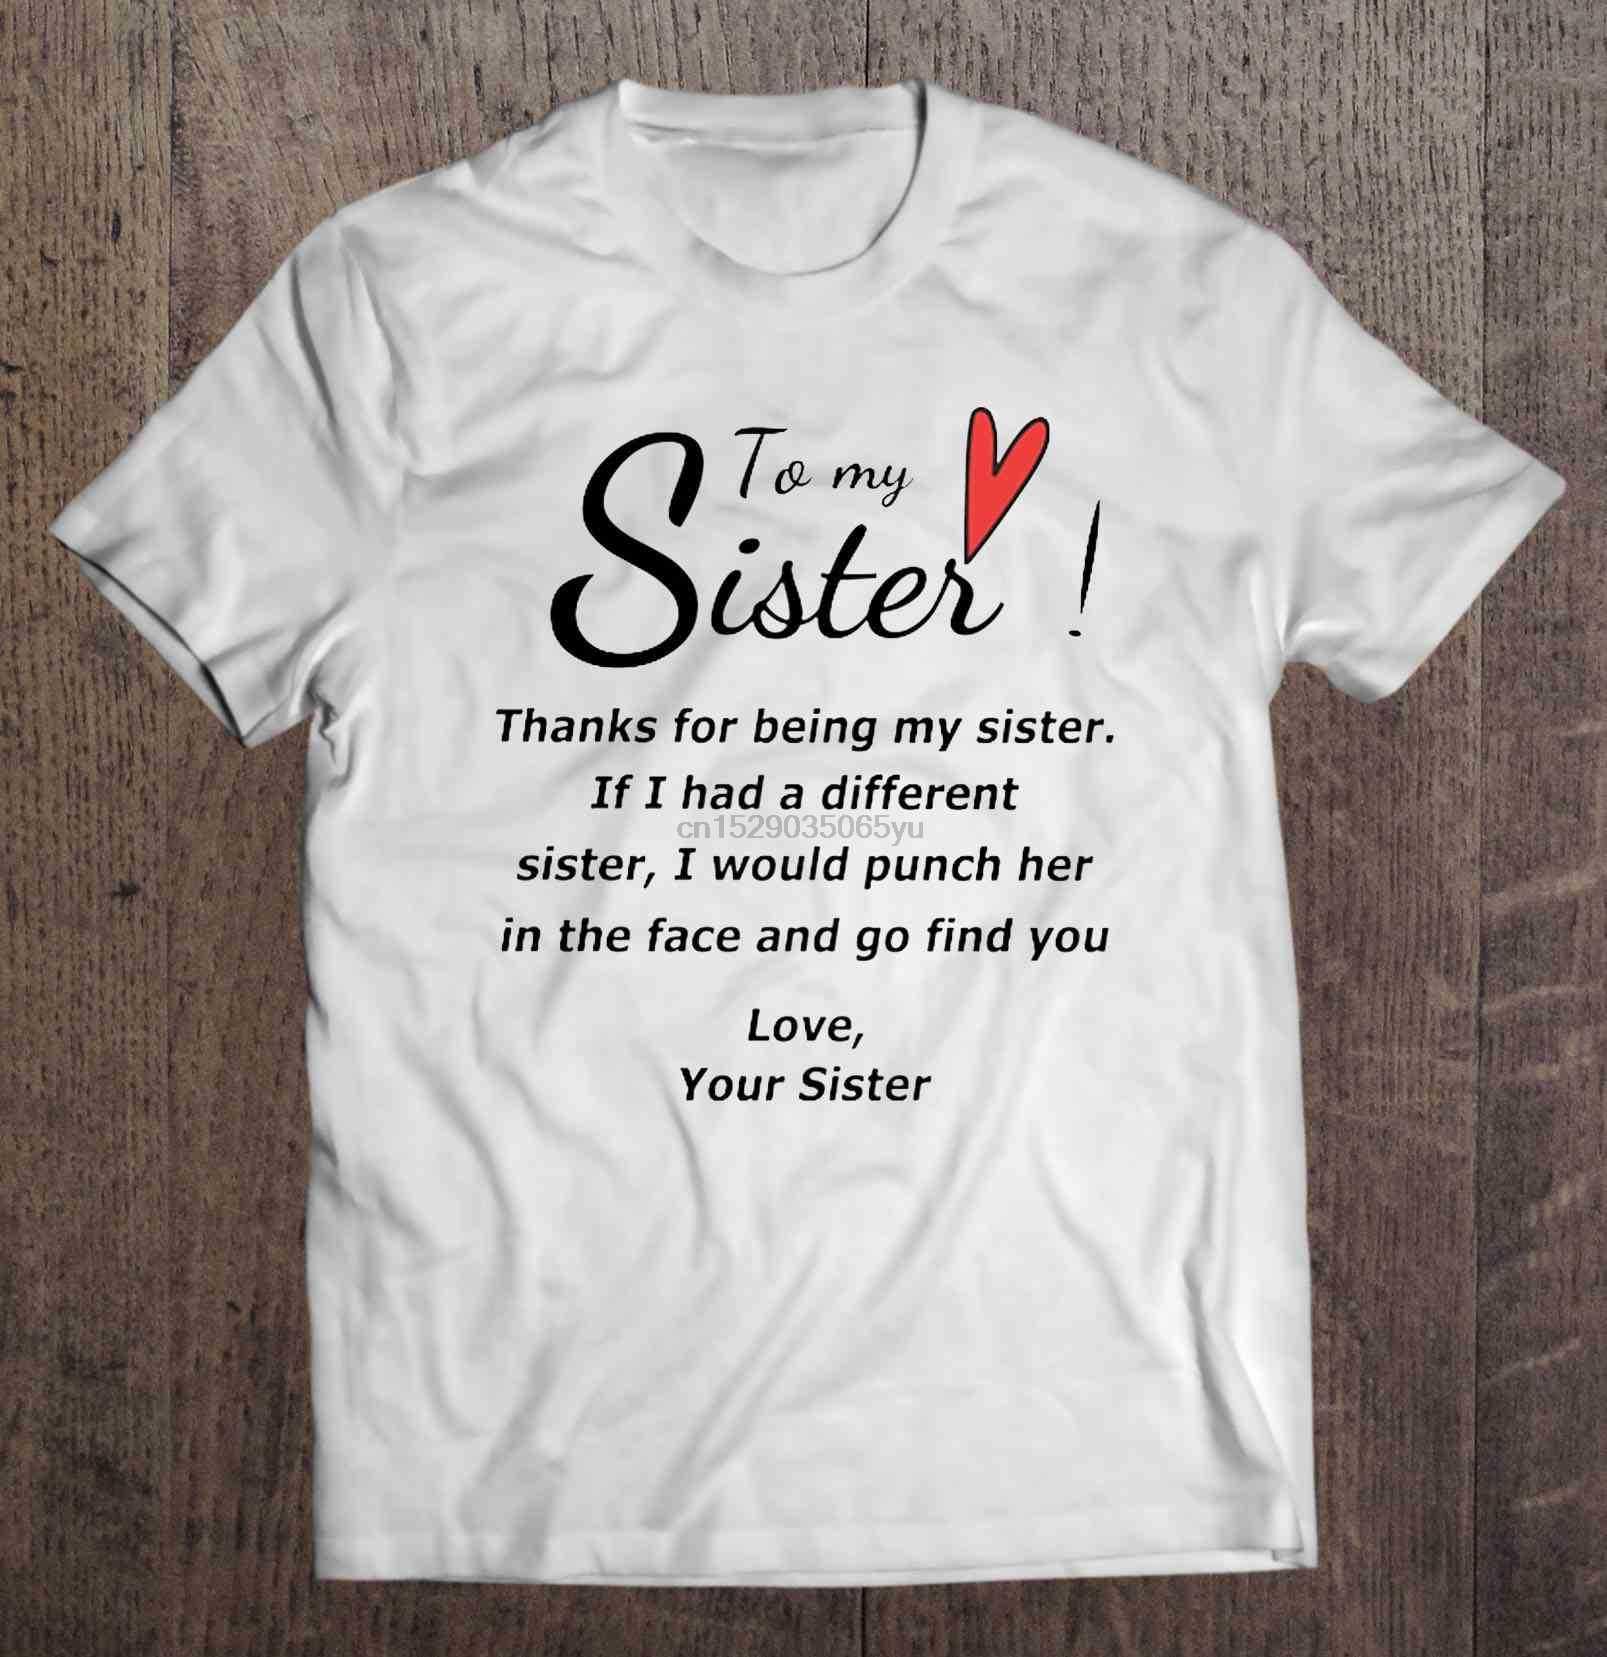 Camiseta de hombre A mi hermana gracias por ser mi hermana si tengo una hermana diferente lo golpearía ella en la cara y ve a buscar